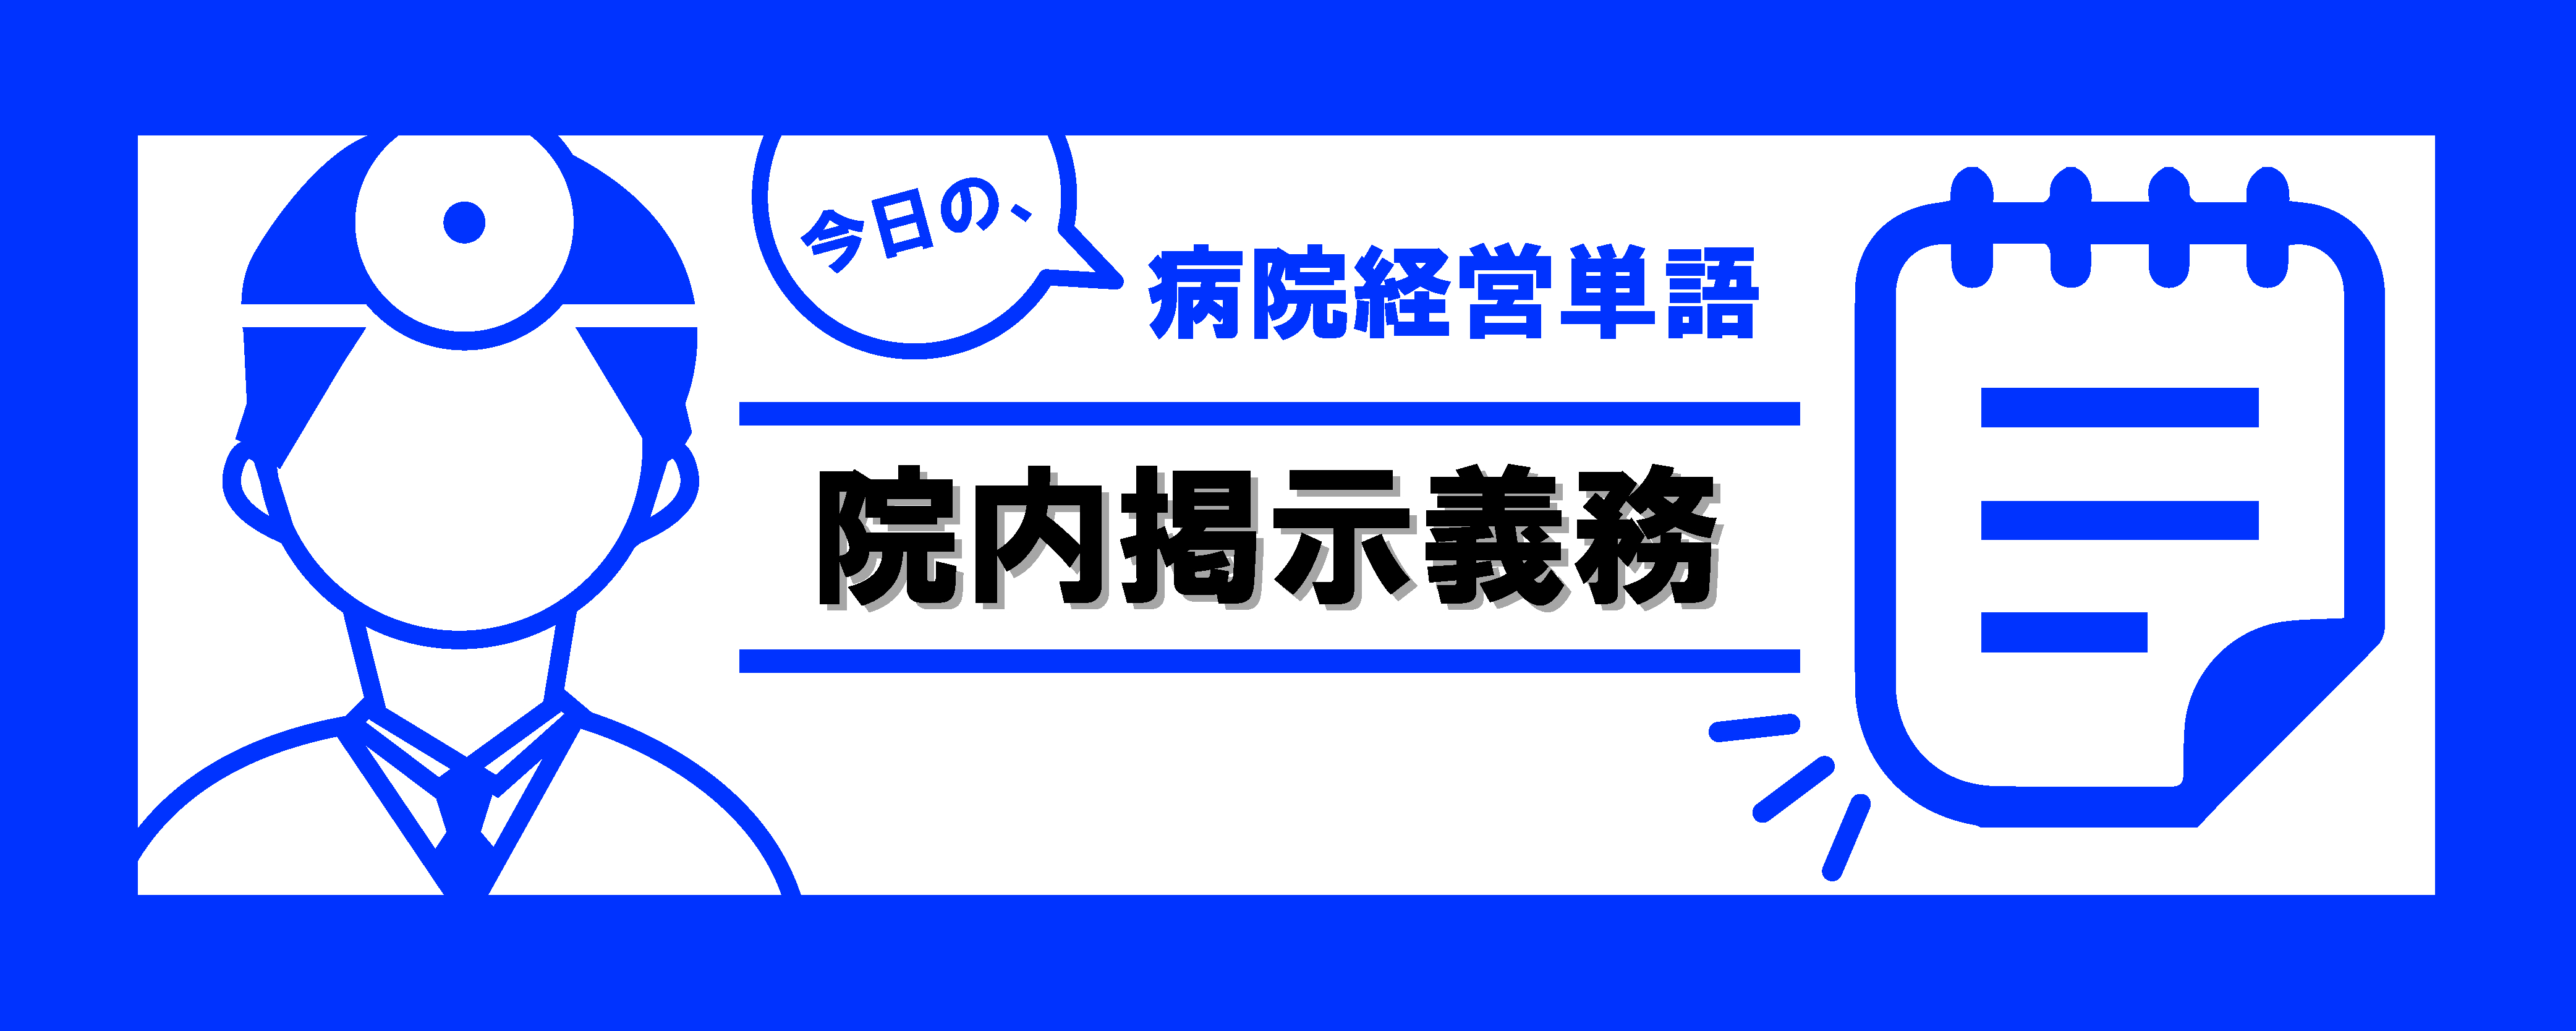 10.経営単語_記事画像